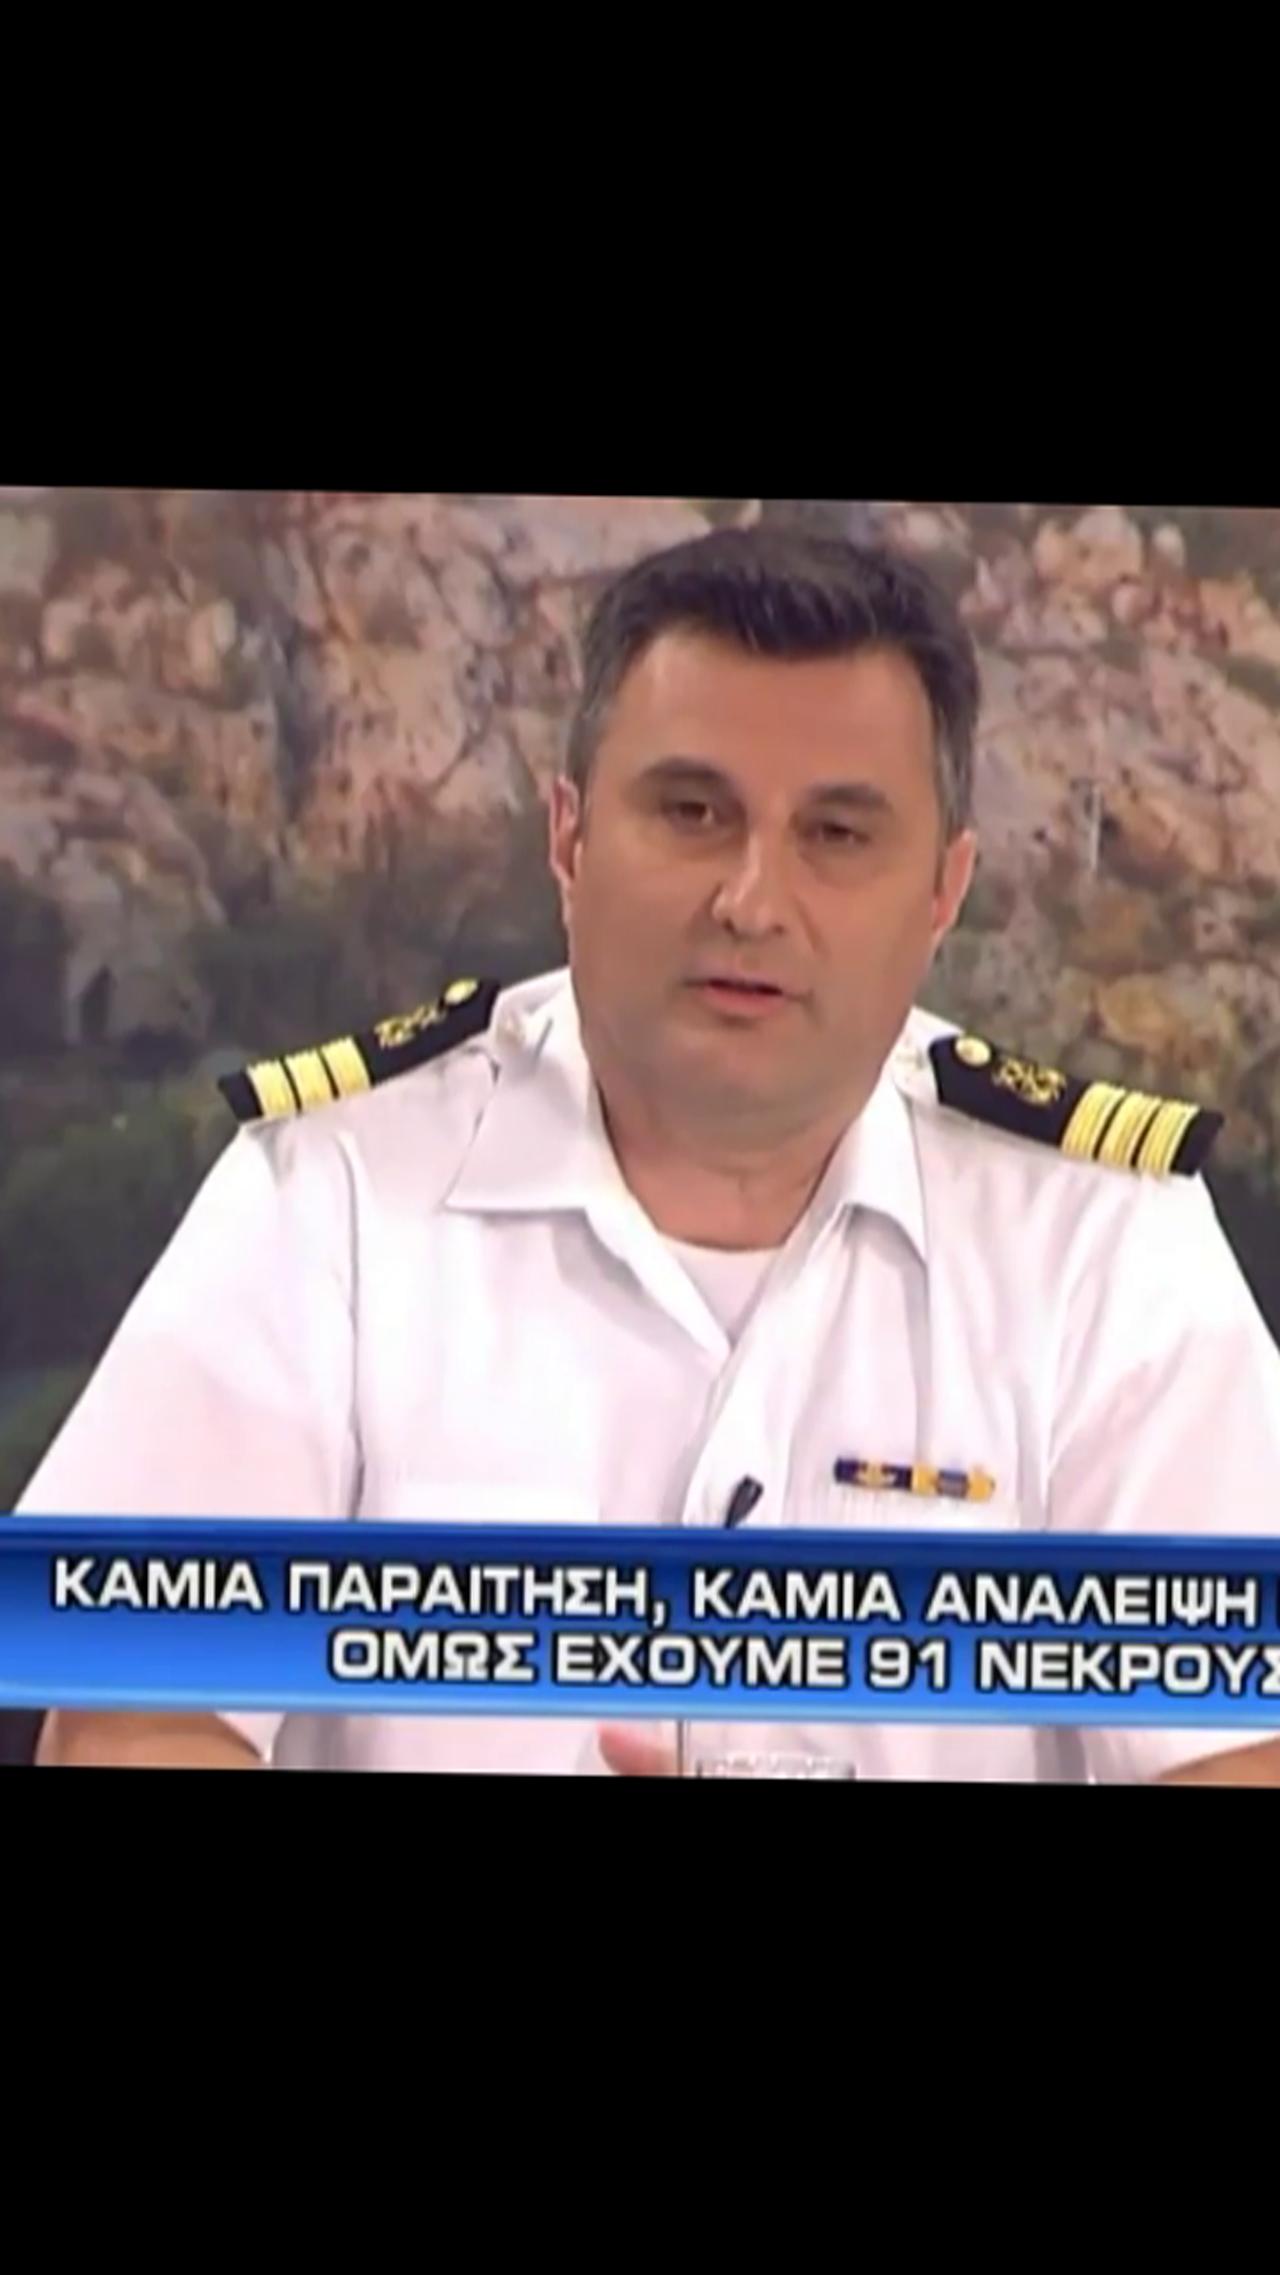 Συμμετοχή προέδρου ΠΟΕΠΛΣ σε τηλεοπτική εκπομπή BLUE SKY για τις καταστροφικές πυρκαγιές.